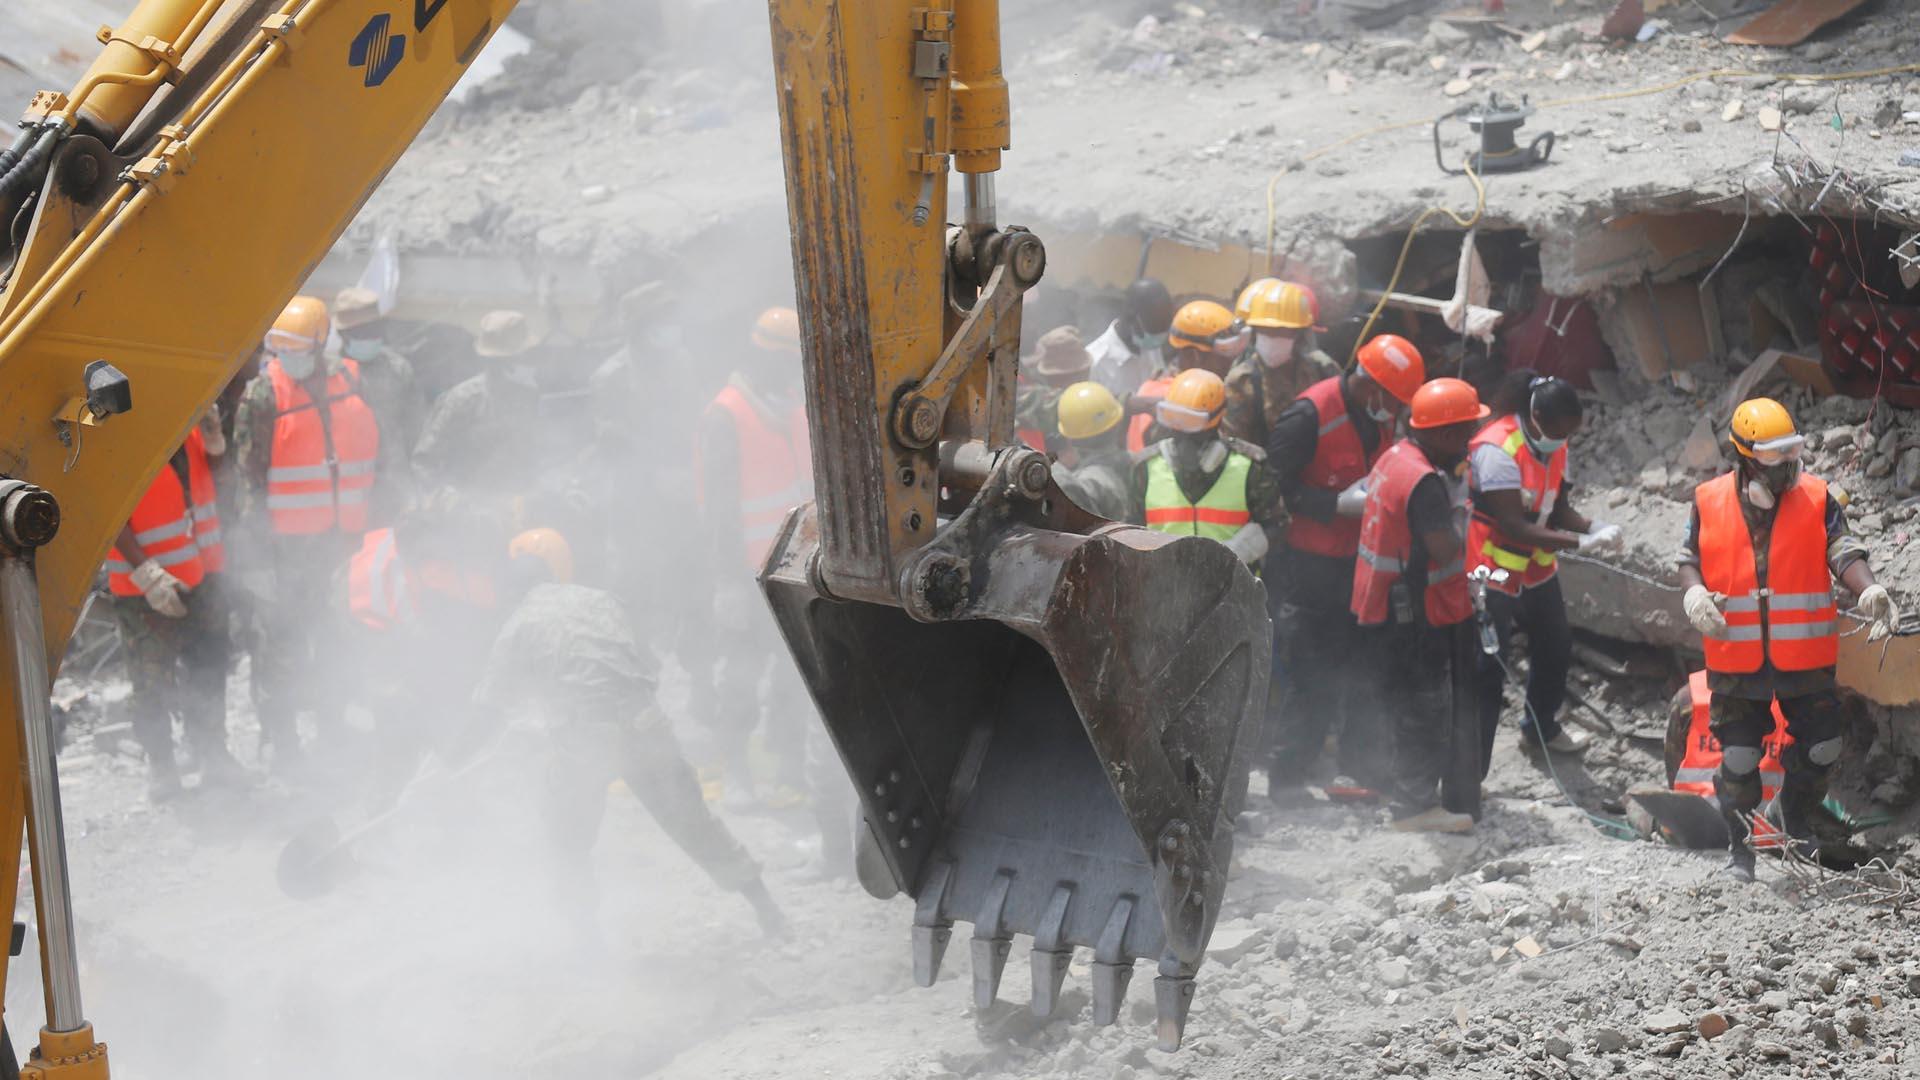 Según la policía la cifra de fallecidos por el derrumbe es de 36 mientras que 70 personas se encuentran desaparecidas